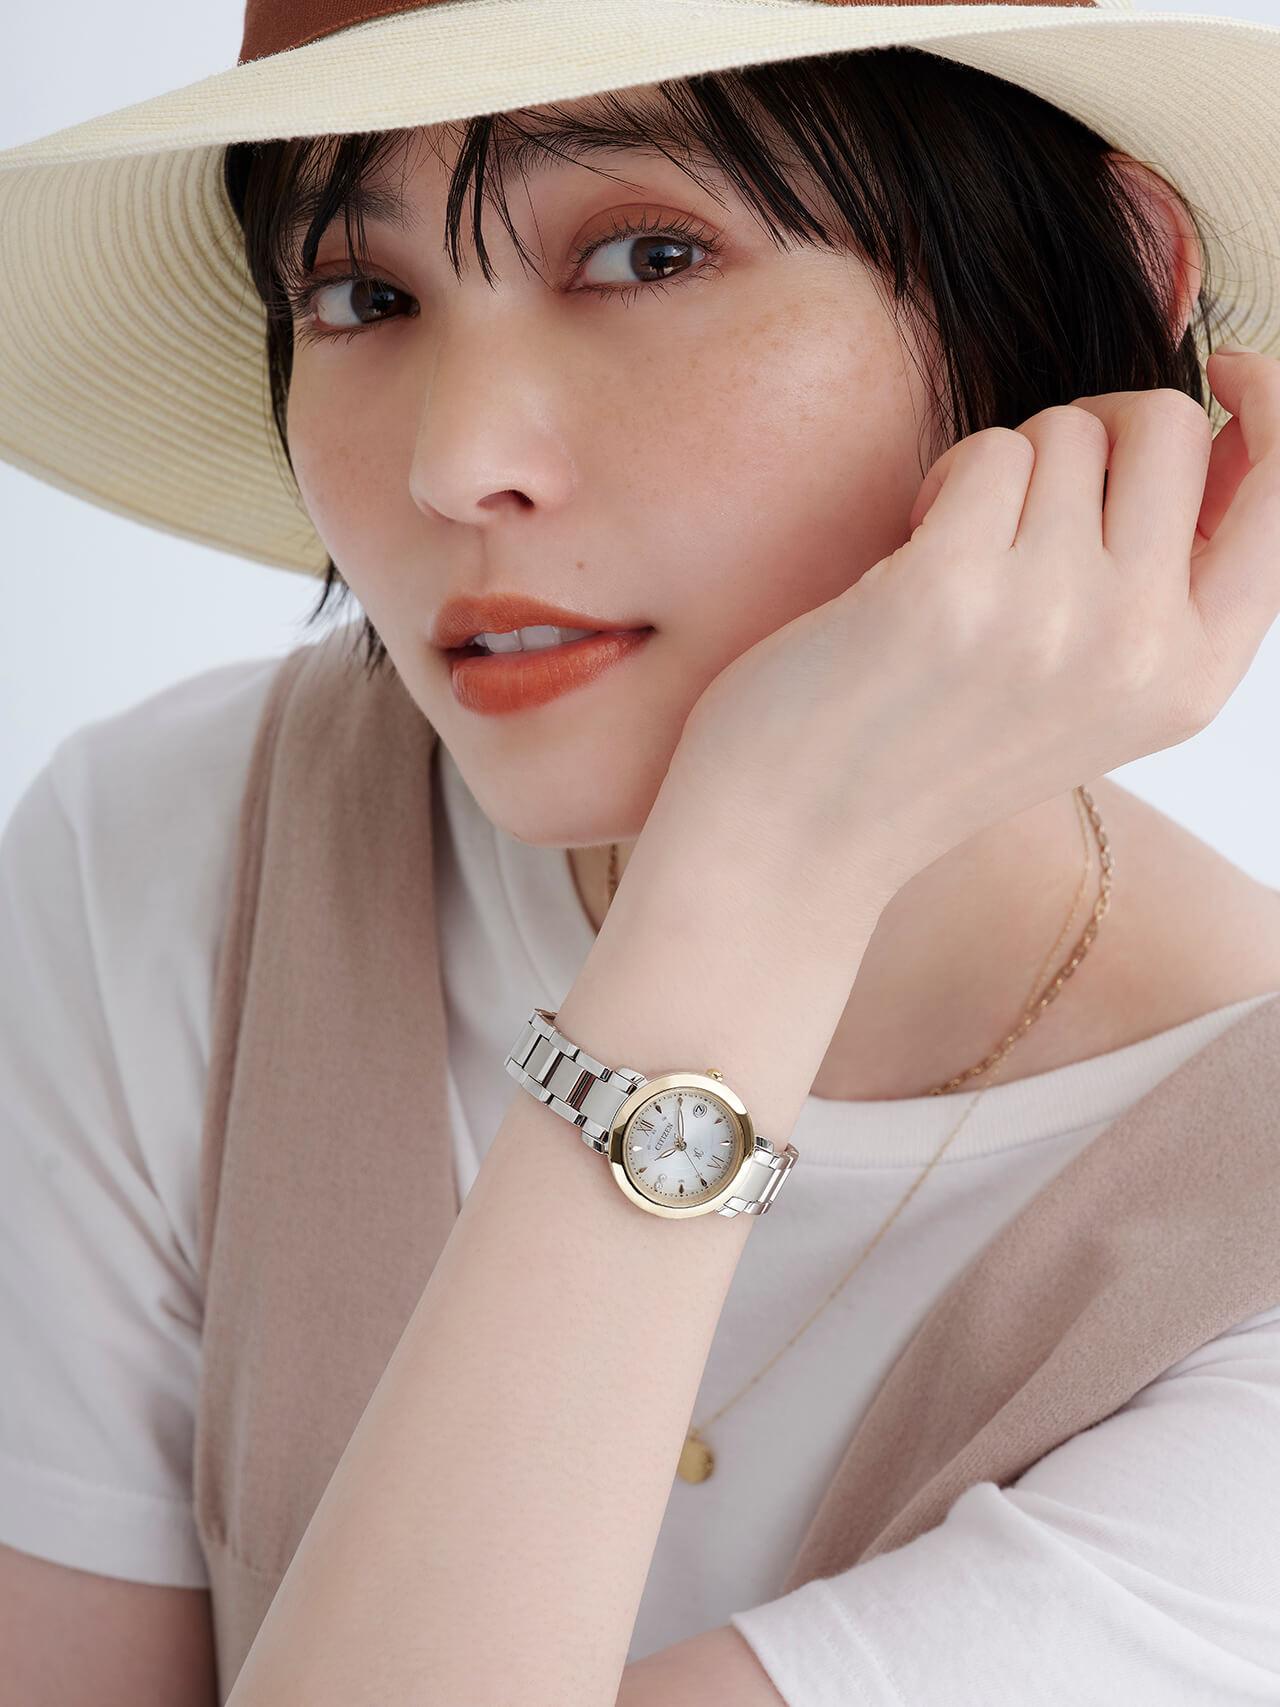 地球にやさしいアクションにも注目。幸せの黄色いバラをもらえるスペシャルな腕時計